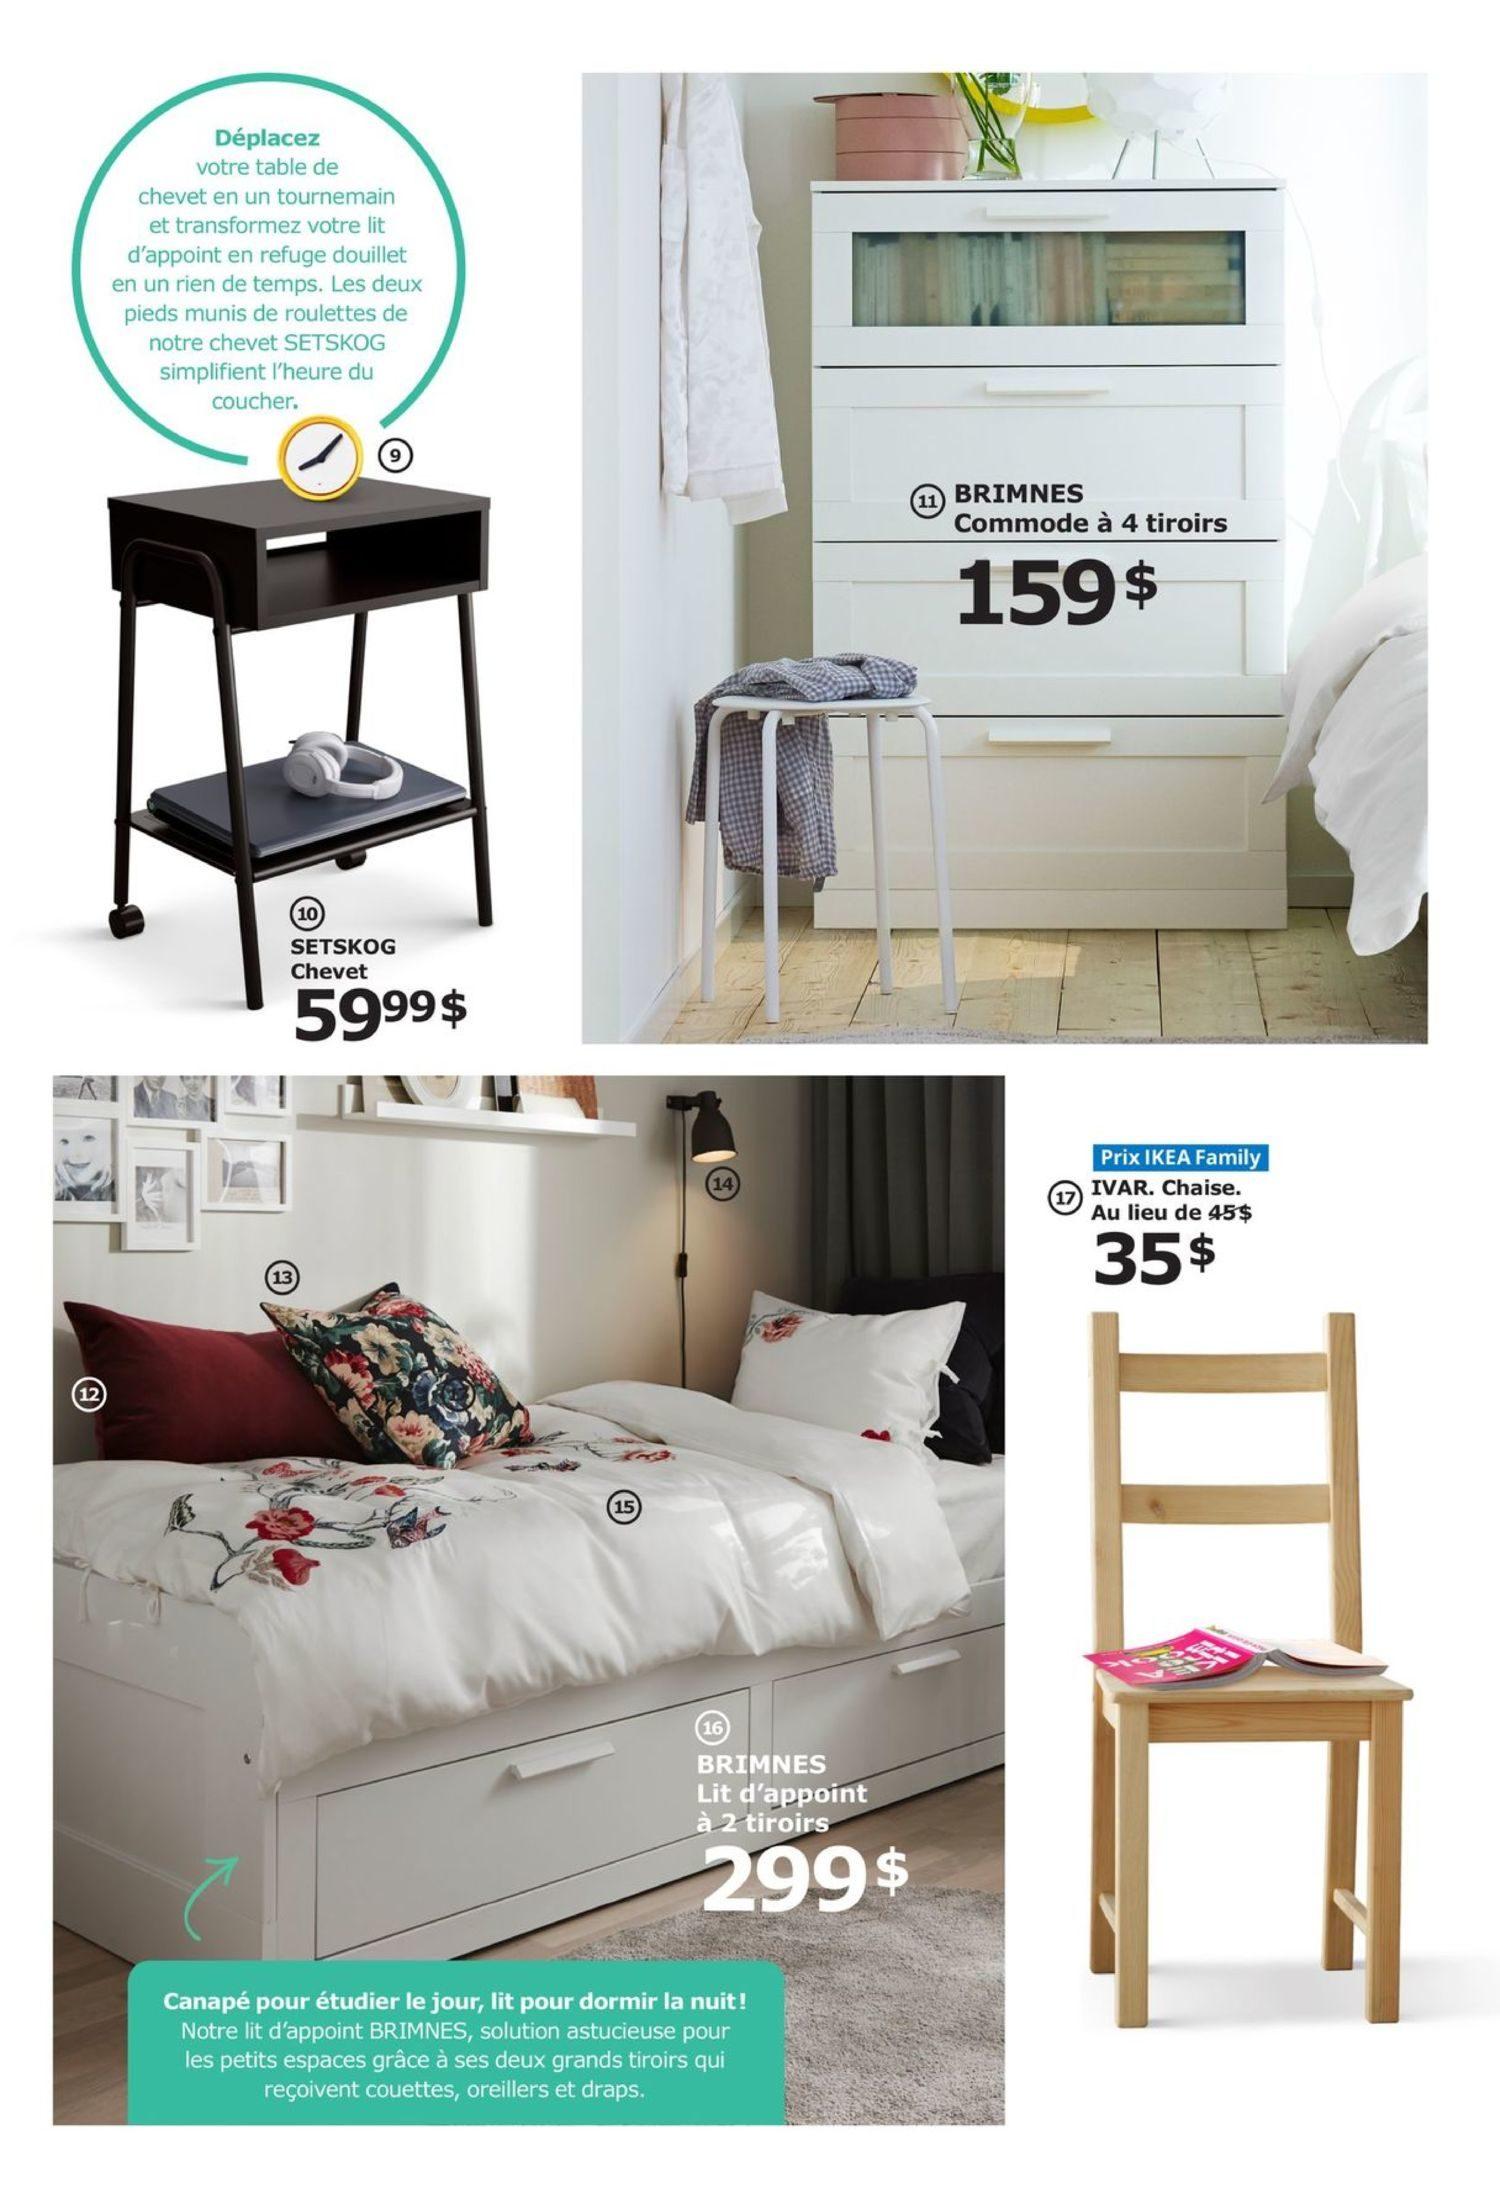 Ikea Weekly Flyer Promo La Rentrée Aug 1 19